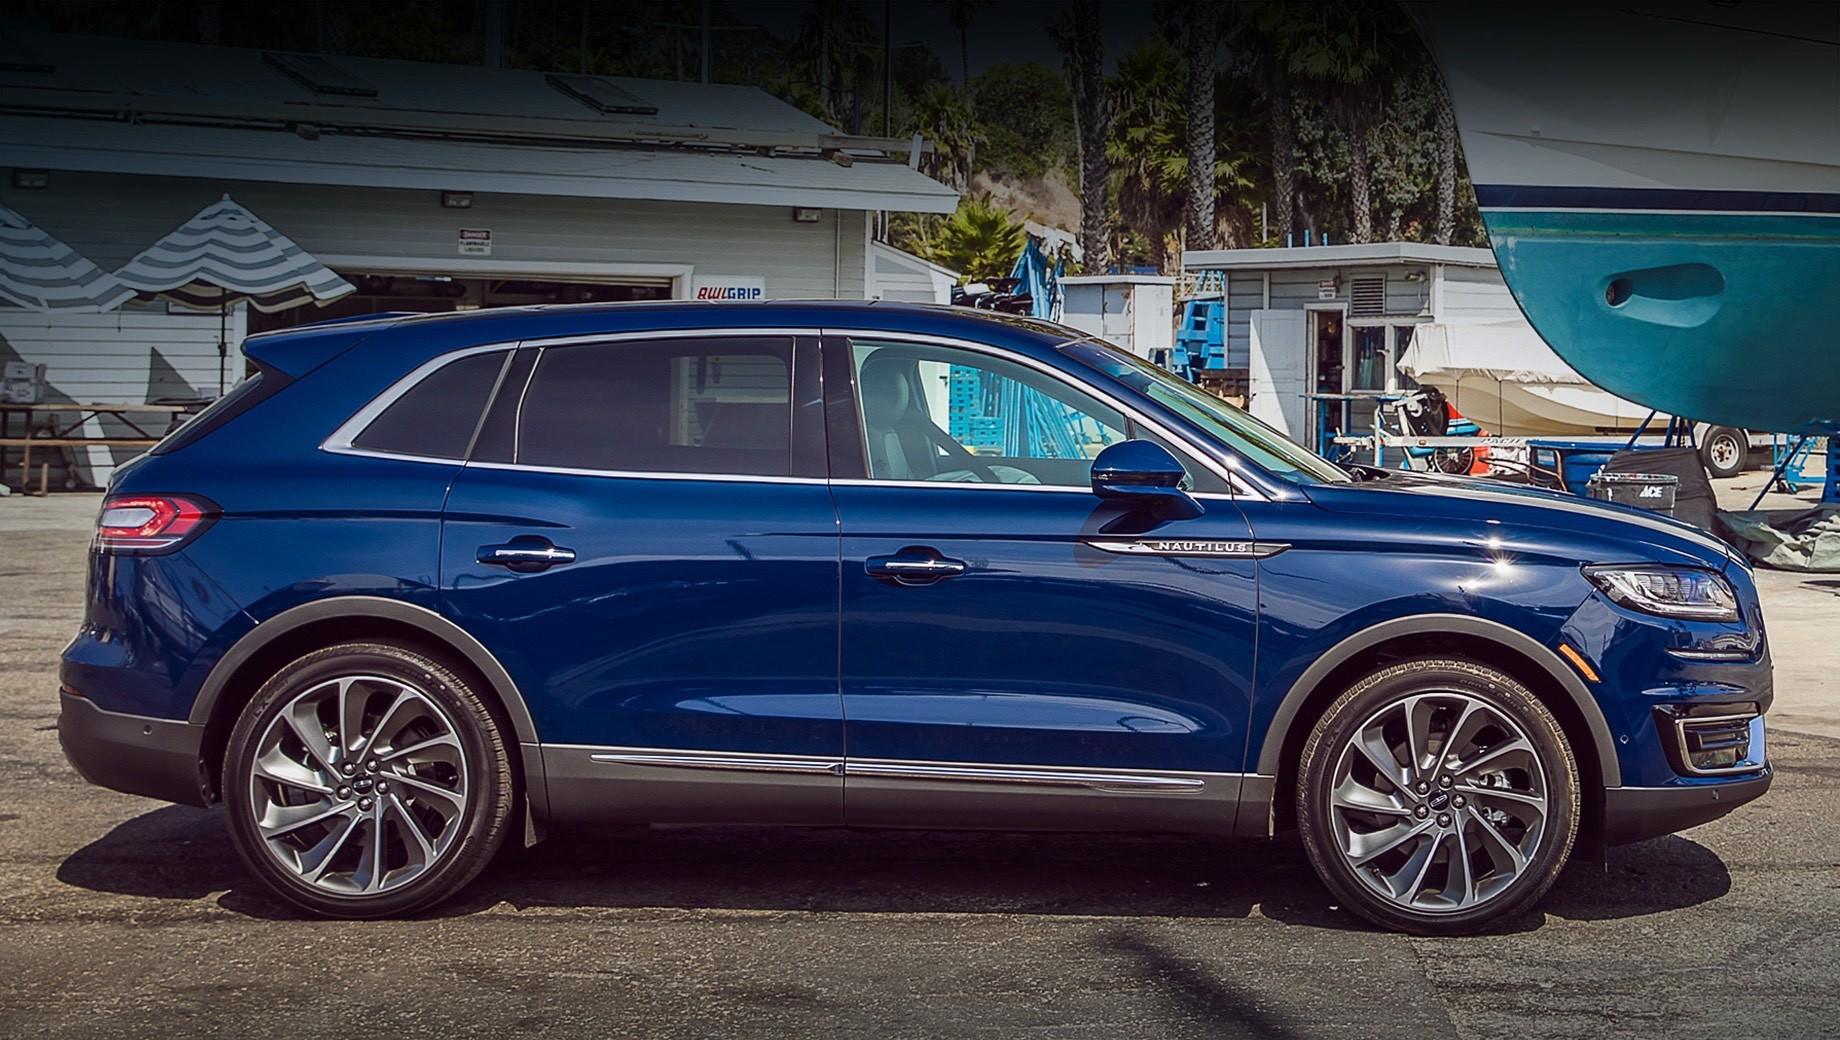 Lincoln nautilus. Сегодня Lincoln Nautilus замыкает десятку самых продаваемых машин в своём классе, уступая на рынке США европейским и большинству японских конкурентов. Модель оснащается турбомоторами 2.0 (253 л.с.) и V6 2.7 (340 л.с.) и оценивается минимум в $41 040 (3,15 млн рублей).